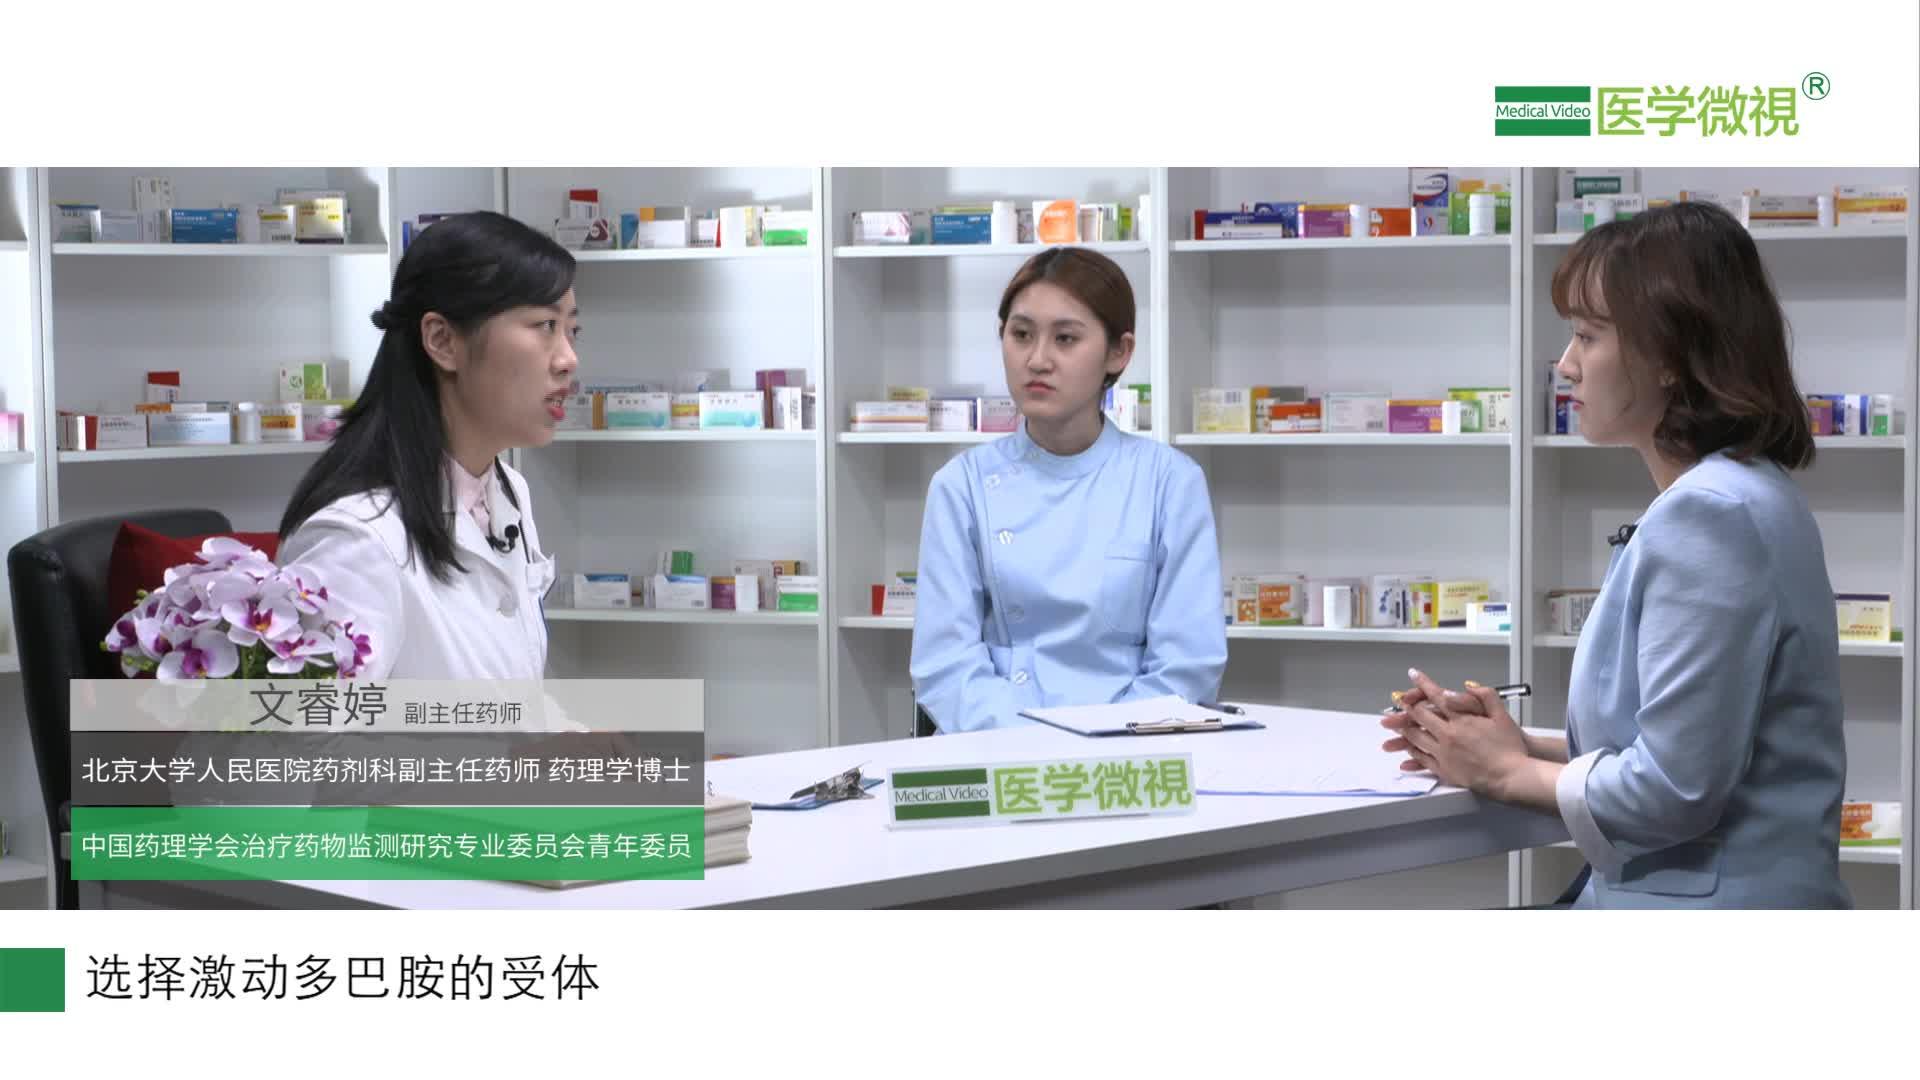 哪些患者不能服用多巴丝肼片?有其它药物能替代吗?